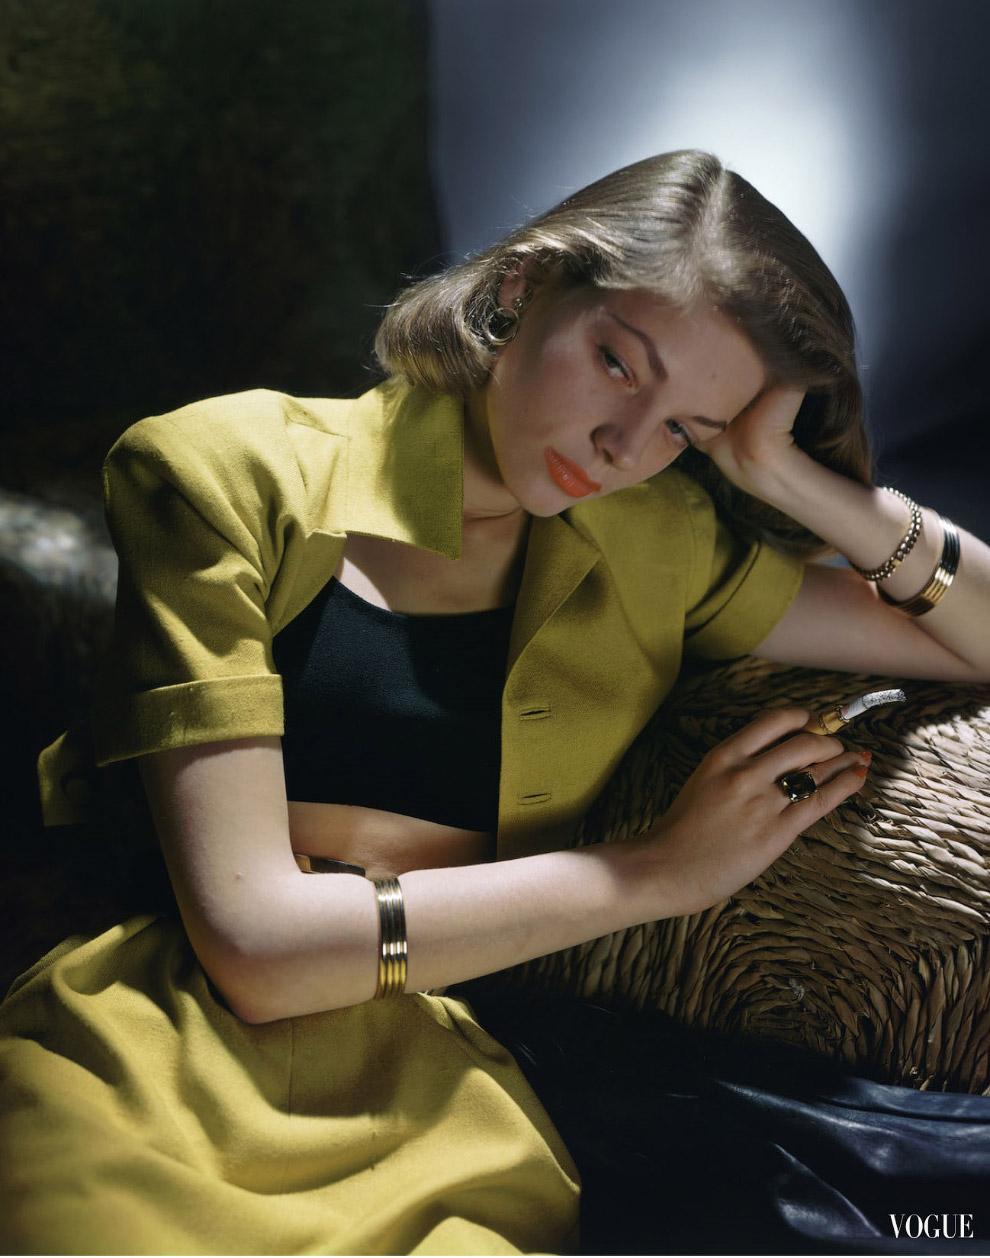 Актриса Лорен Бэколл в укороченном костюме с топиком от Би. Эйч. Урэгги. Фото Джон Роулингс, 1945 год.